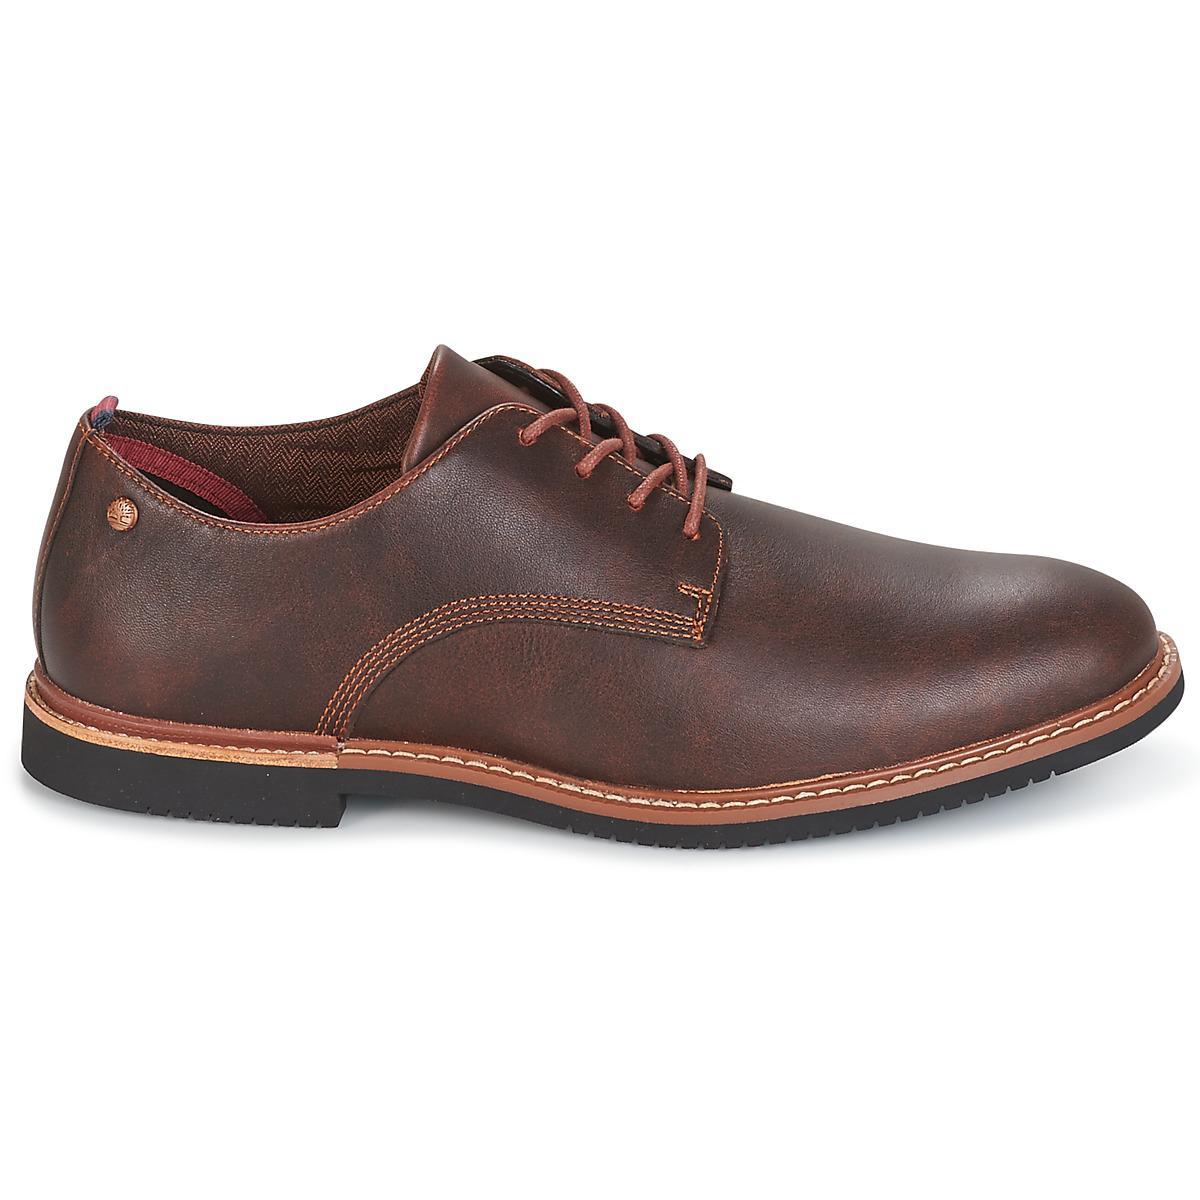 Park Homme Marron Chaussures Oxford En Timberland Brook Hommes Pour l1JcFKT3